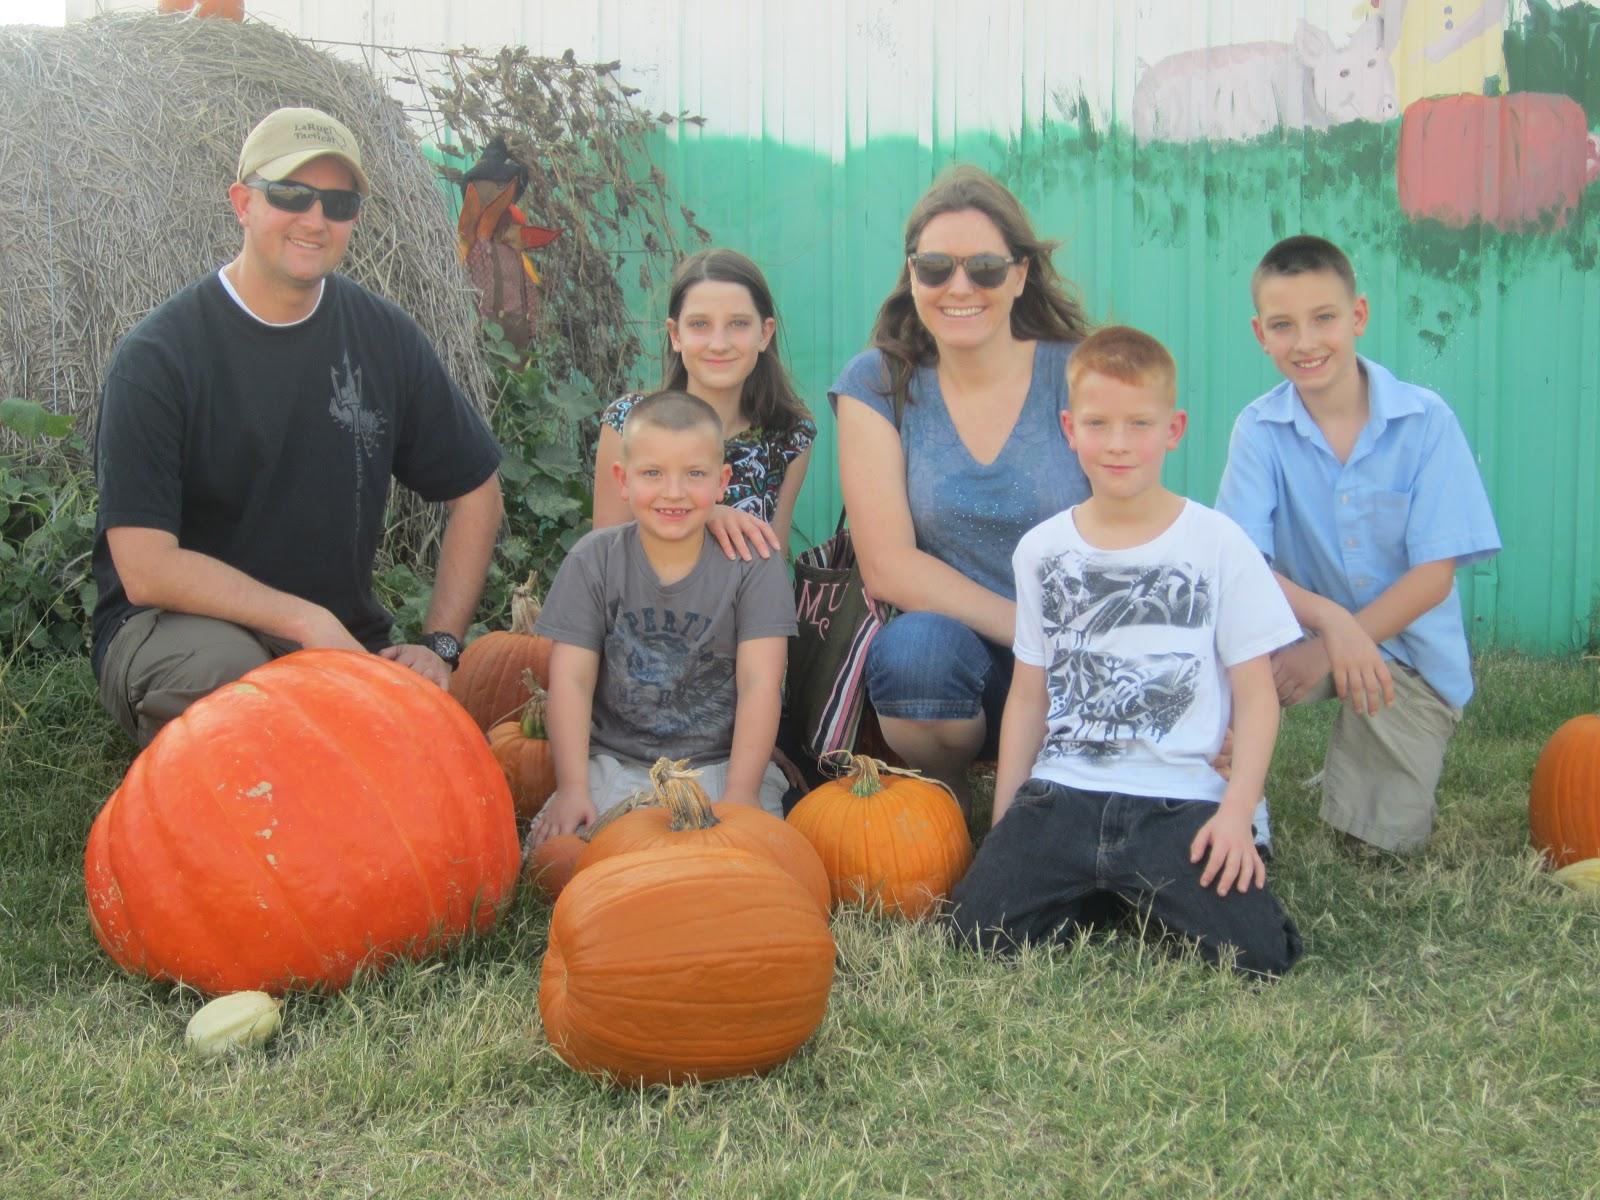 pumpkin patch photo ideas